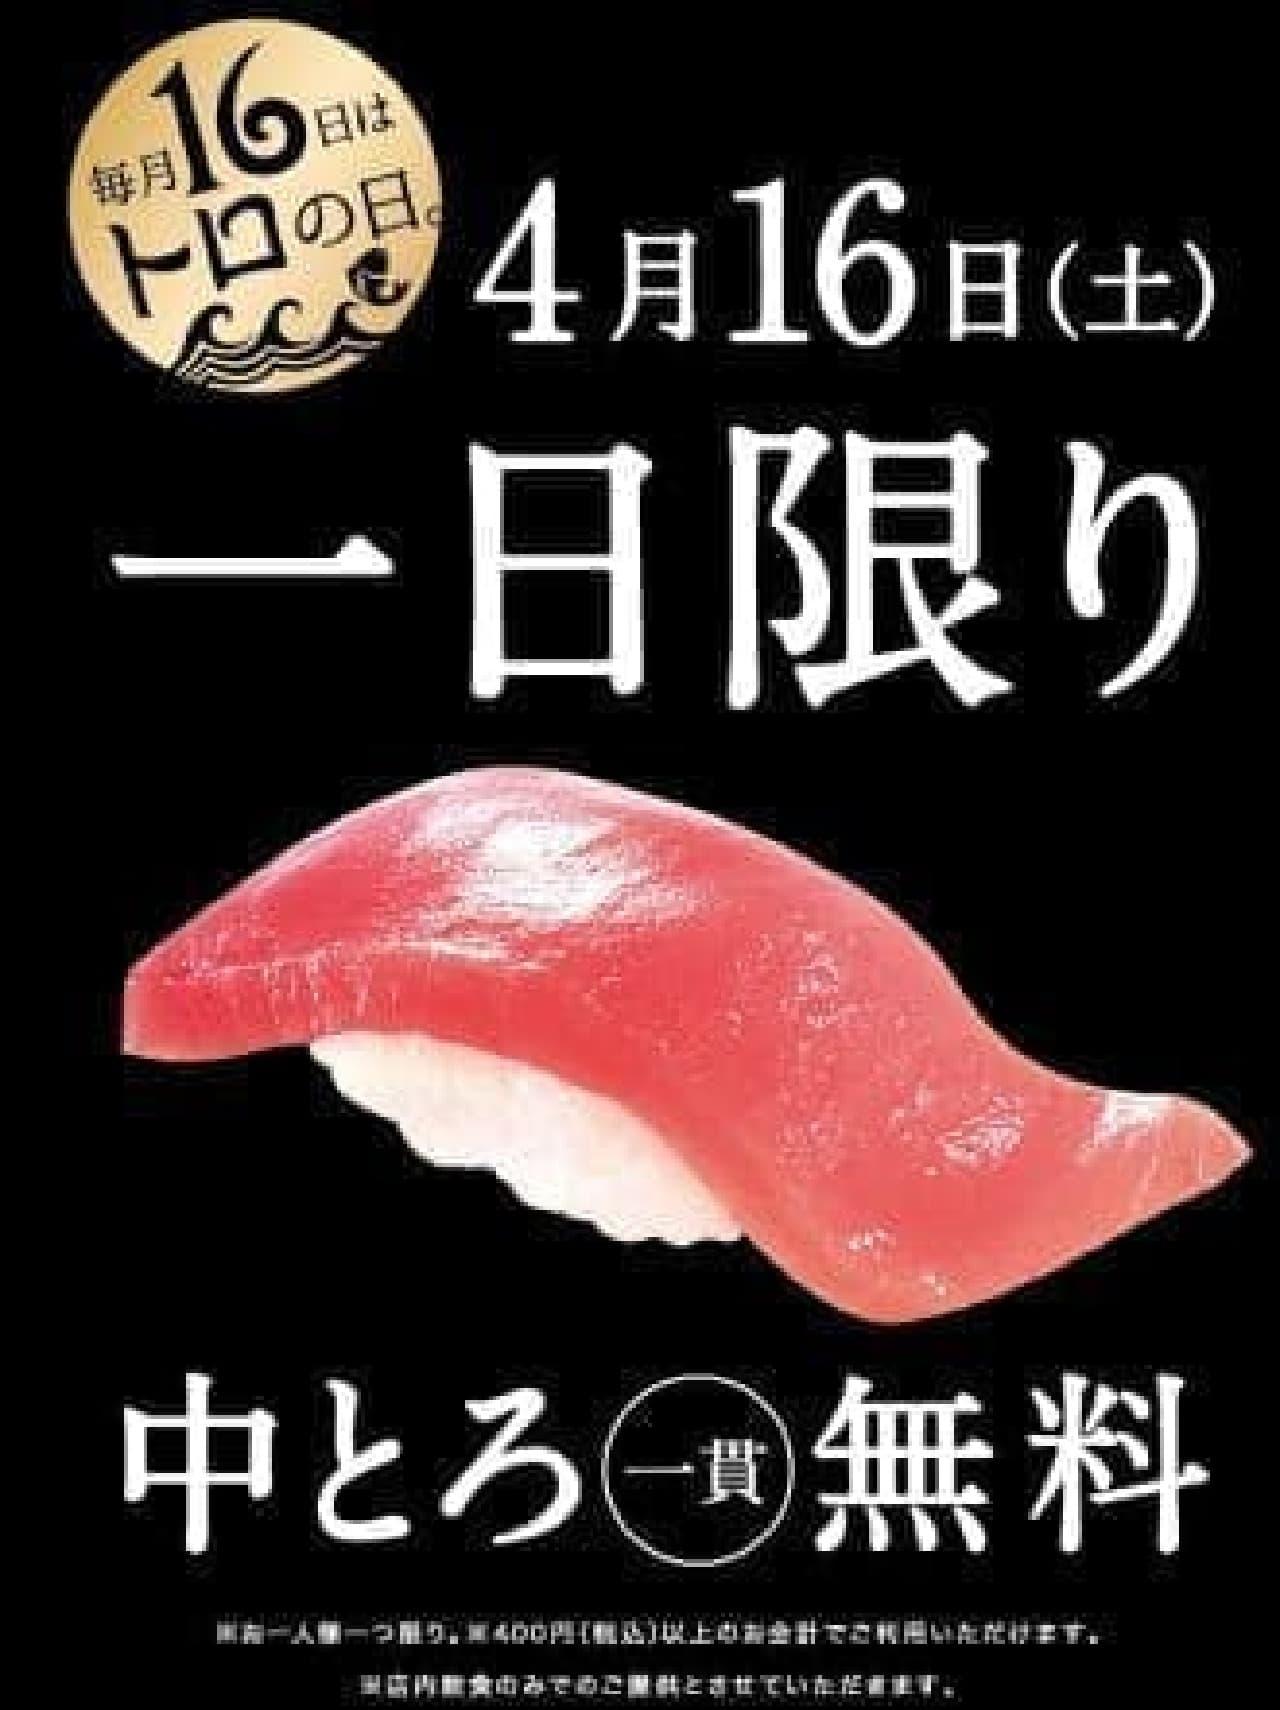 「トロ(16)の日」はかっぱ寿司へ!